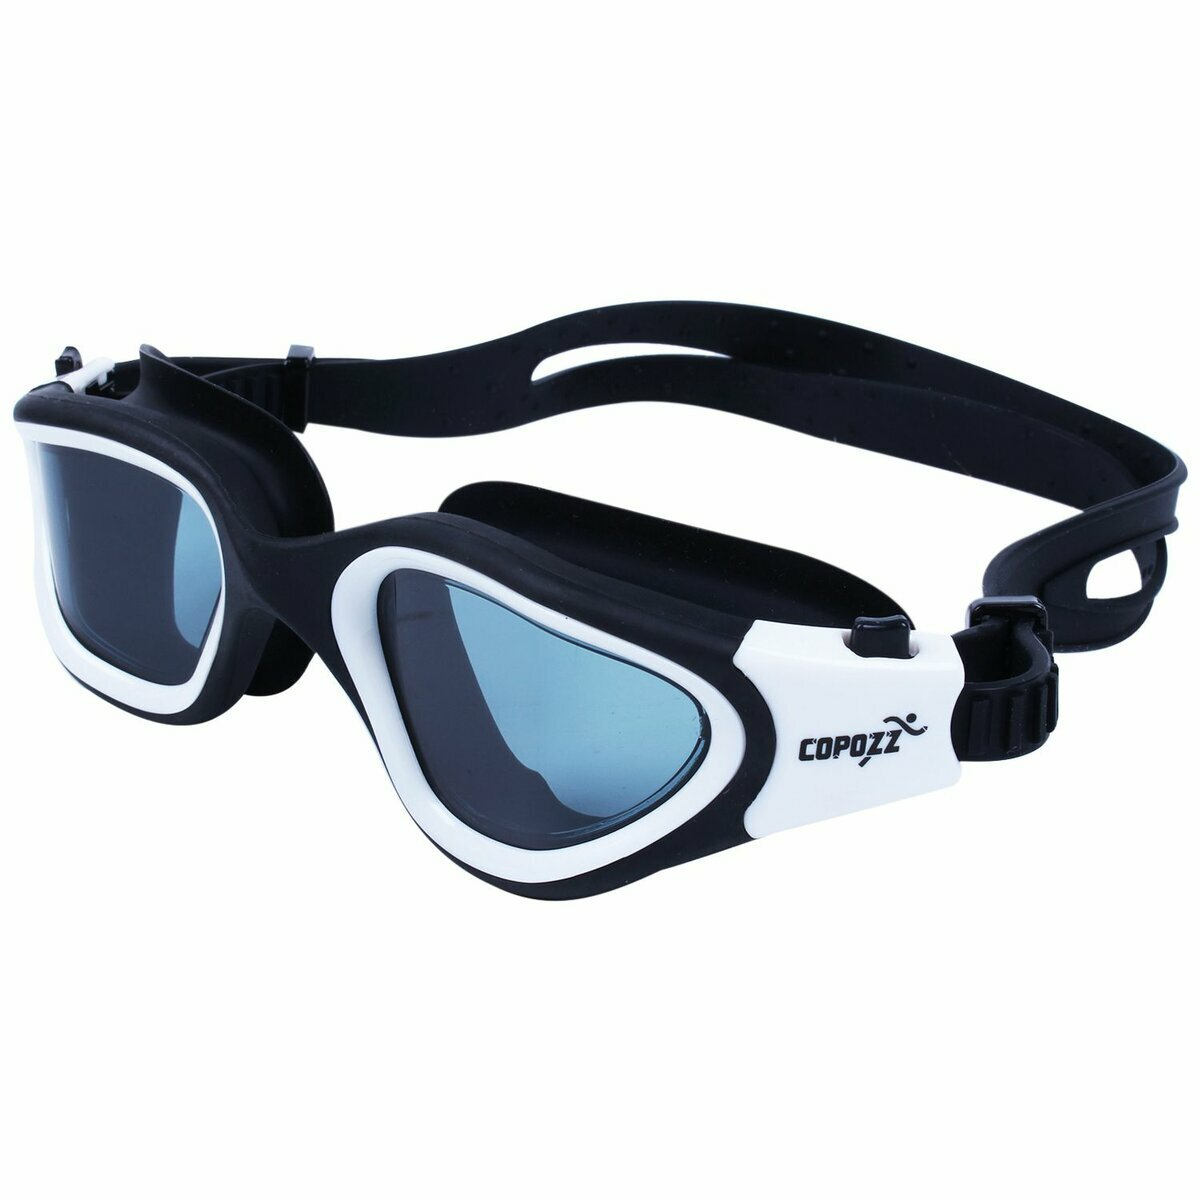 Профессиональные очки OPTIGLASSES PRO в Златоусте